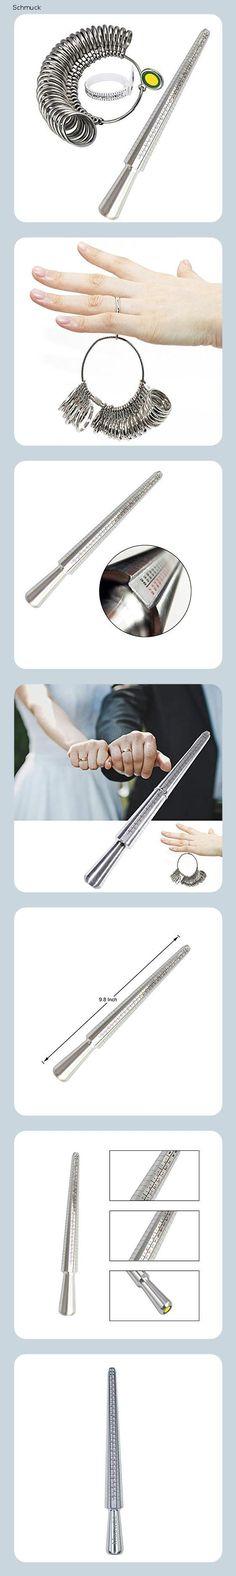 Meowoo Ringstock Ringgrössenmesser Metall Oder Kunststoff Ringmaßband Ringmaß Ringmesser, Größenstandard UK, EU, USA, Schweiz(Metall Ringstock Set) - 14ec